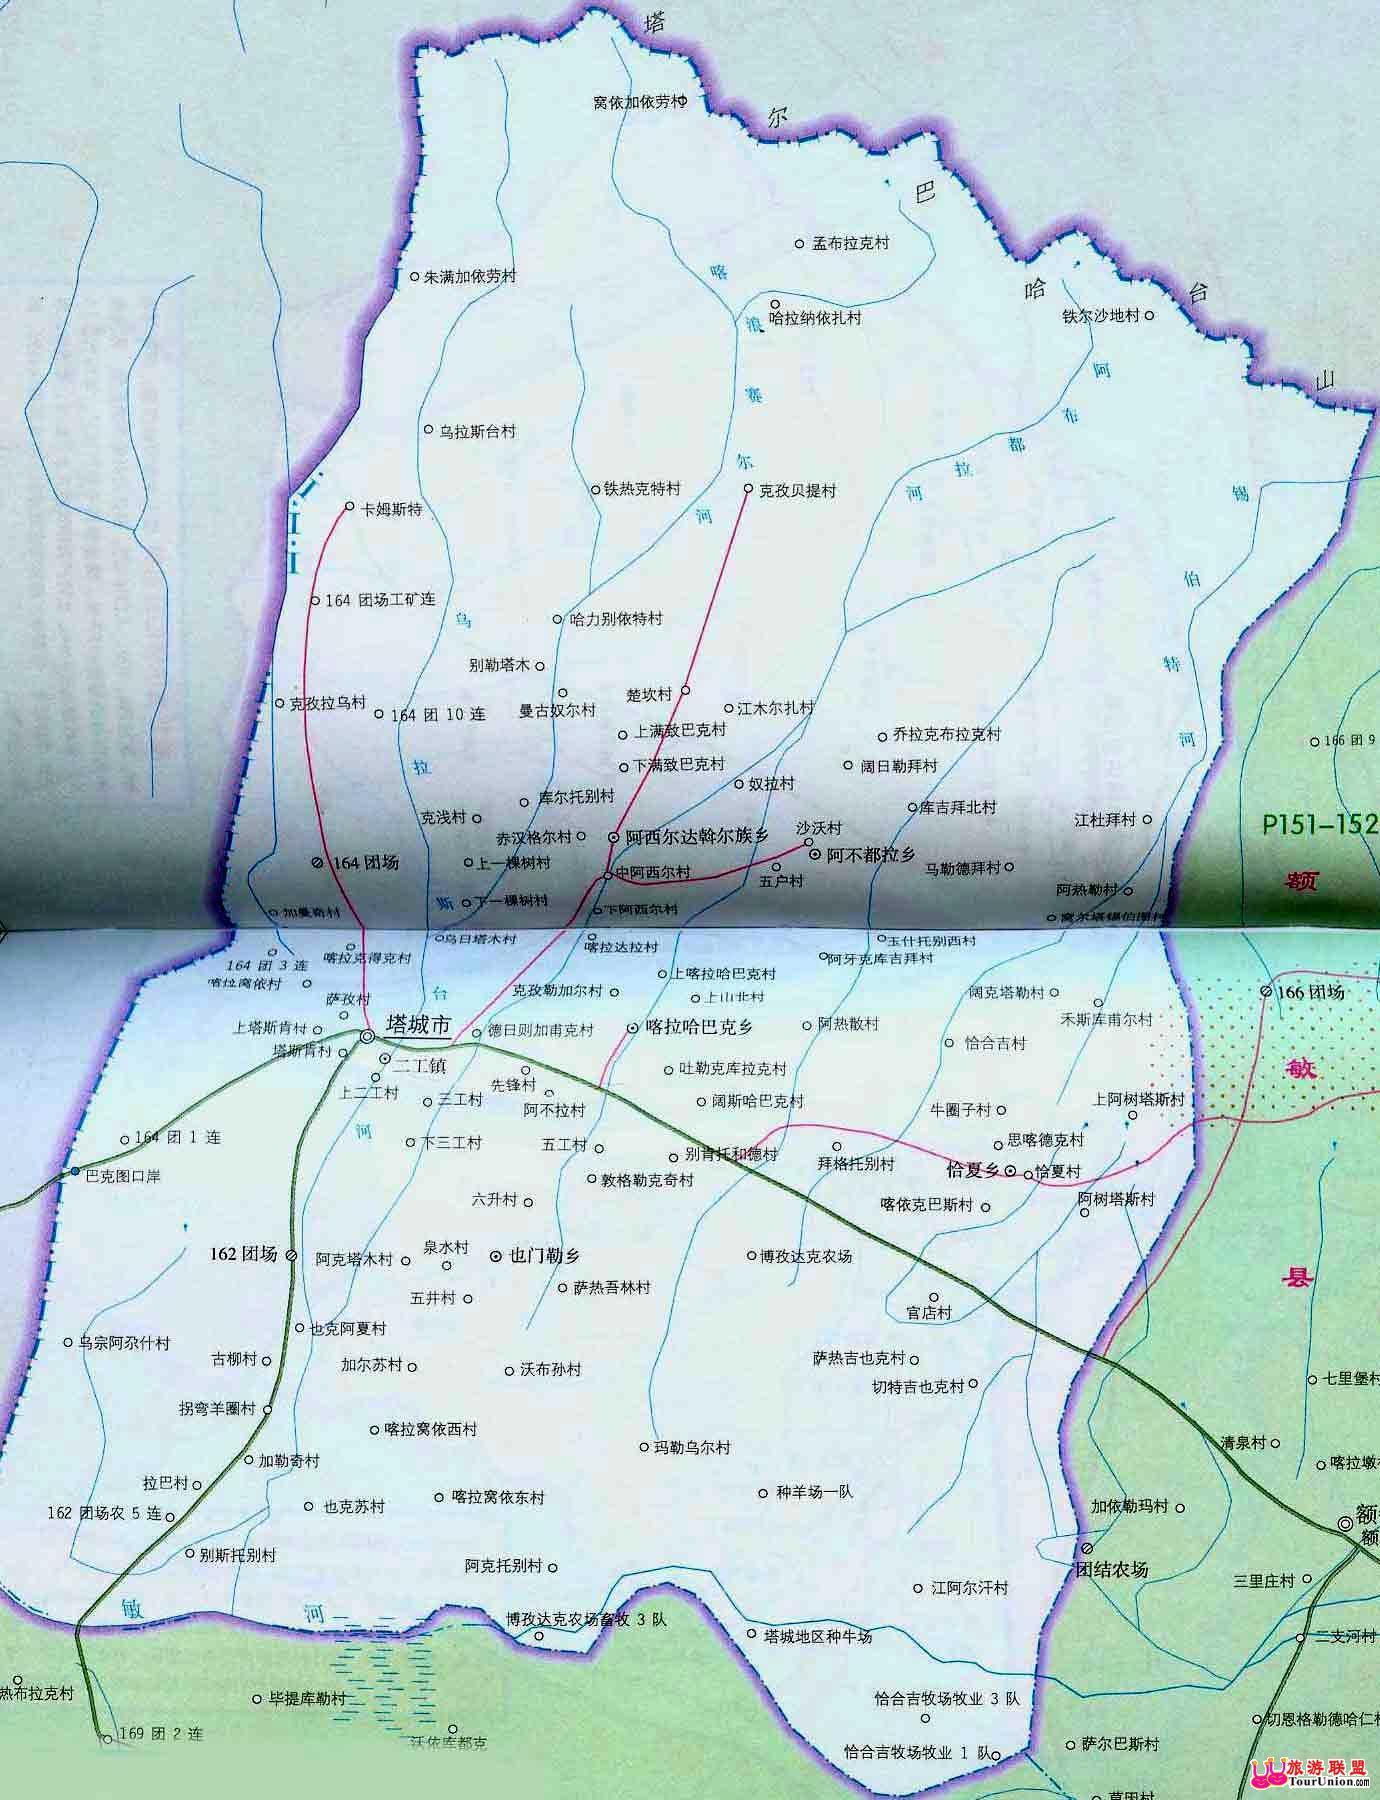 裕民电子地图·裕民风光图库·图行塔城·图行新疆